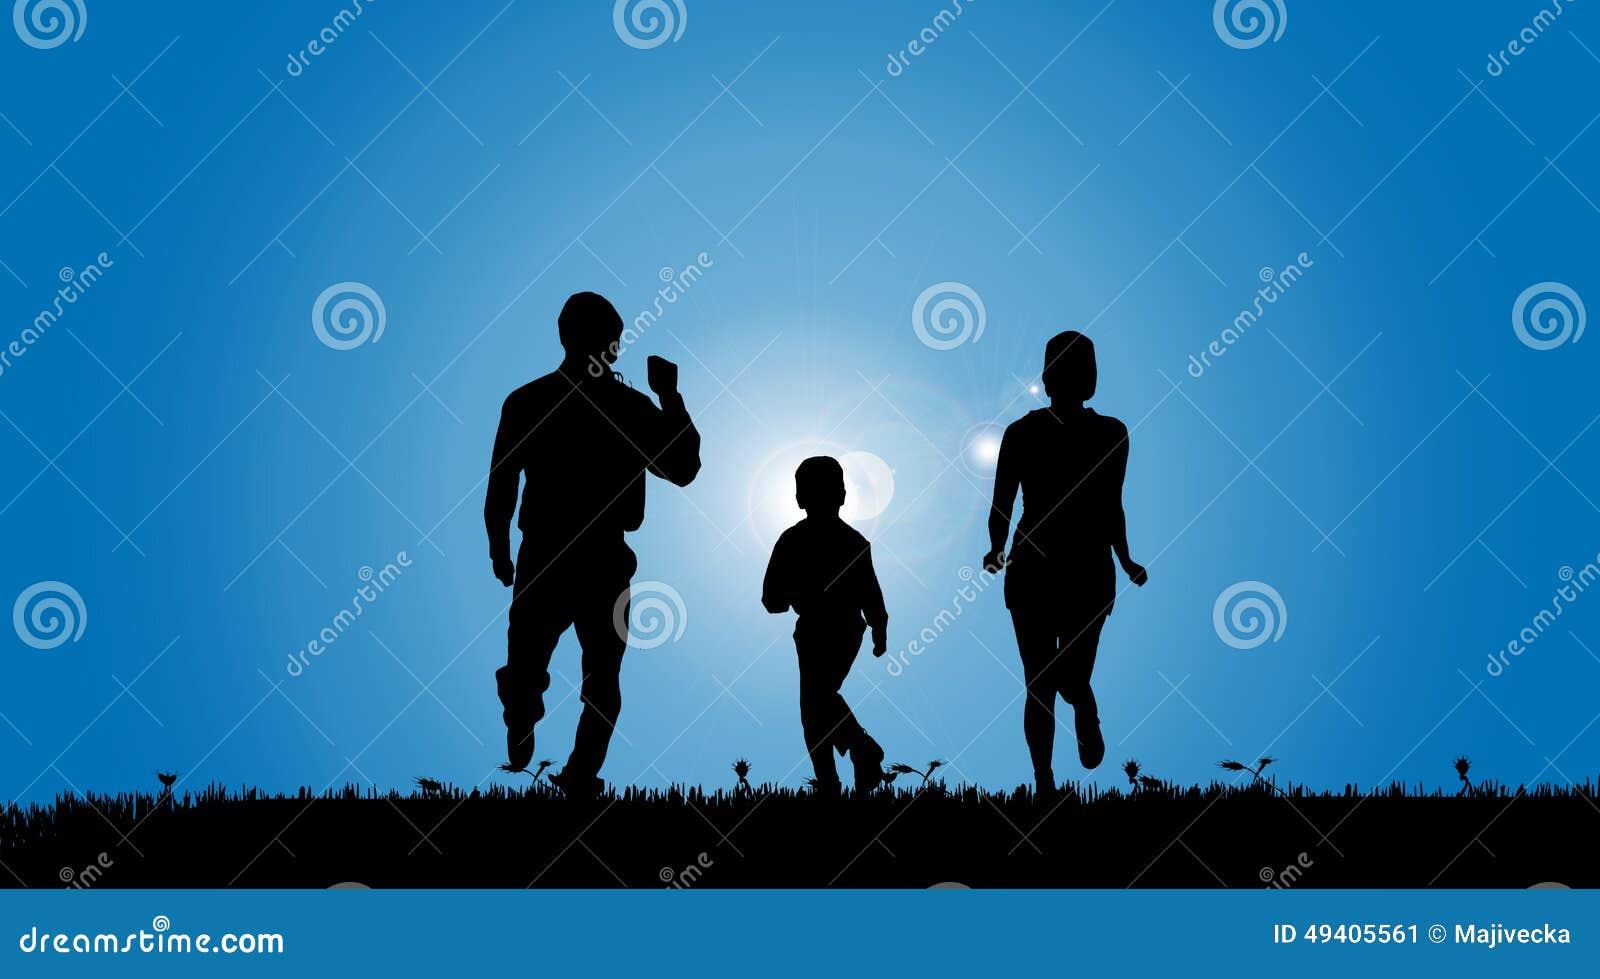 Download Vektorschattenbild Einer Familie Vektor Abbildung - Illustration von kind, mann: 49405561